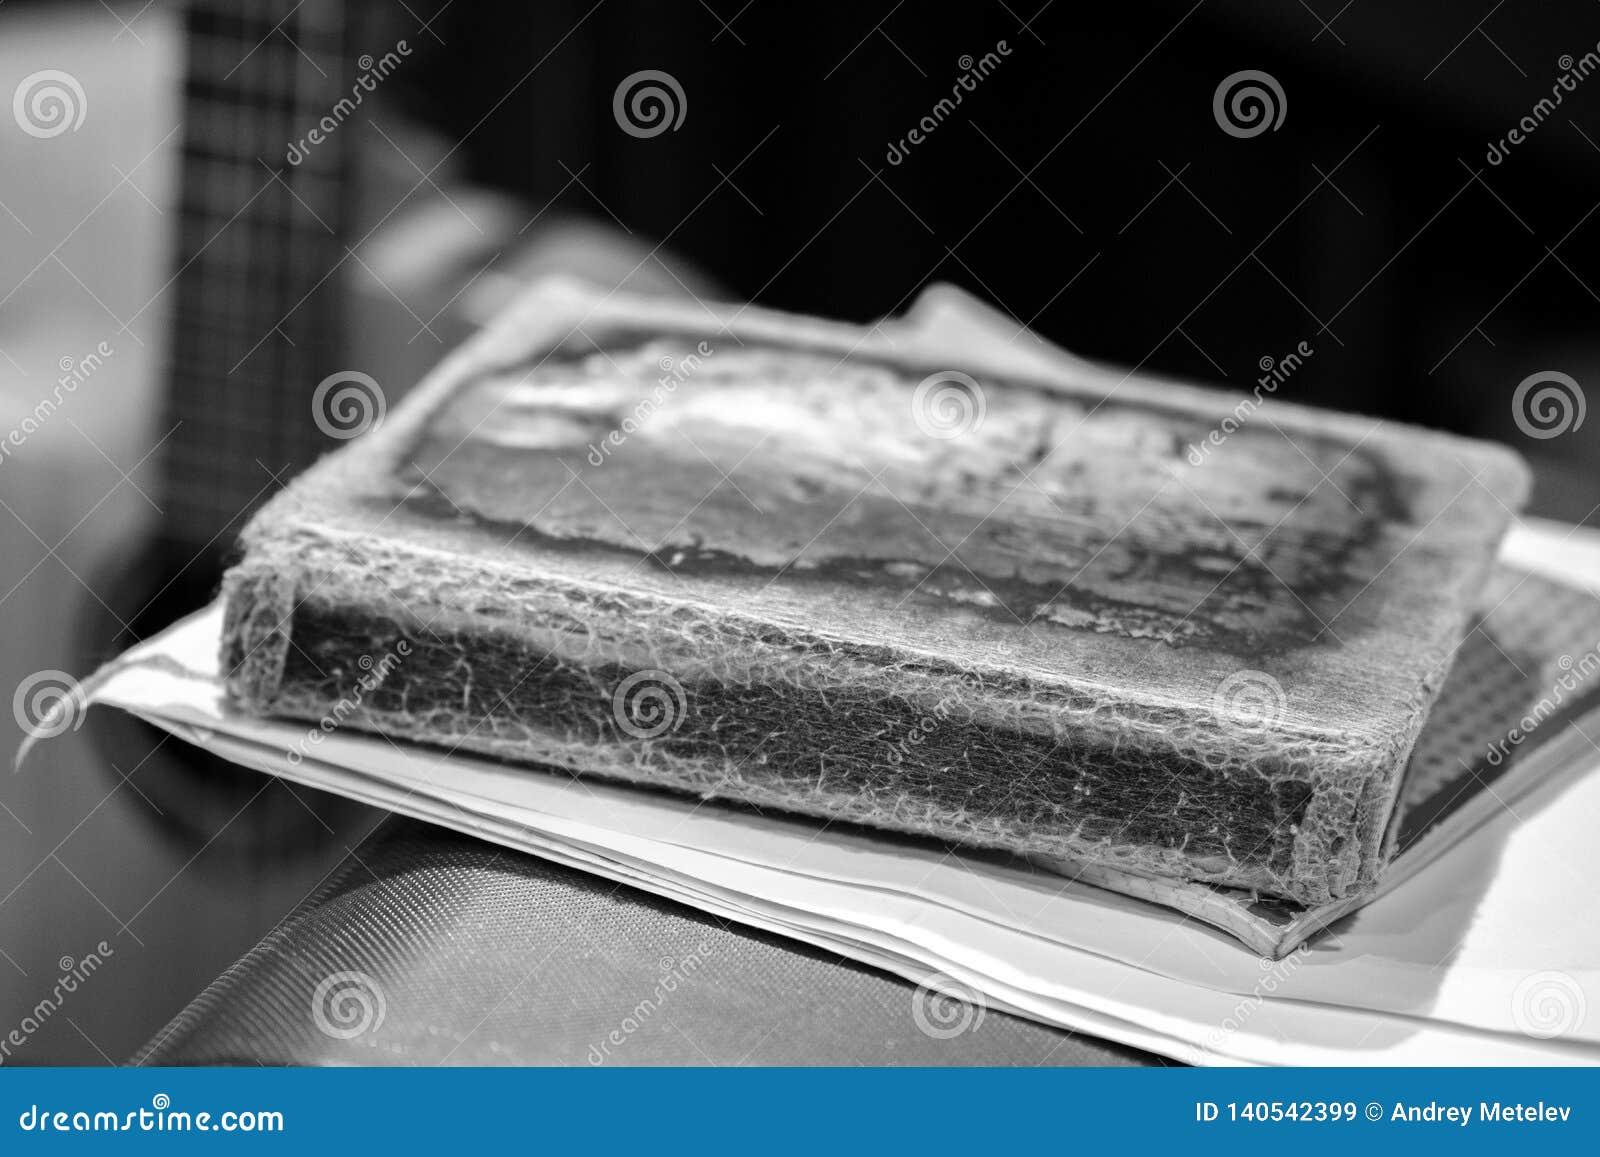 Livre D Images Noir Et Blanc Avec Une Couverture Minable